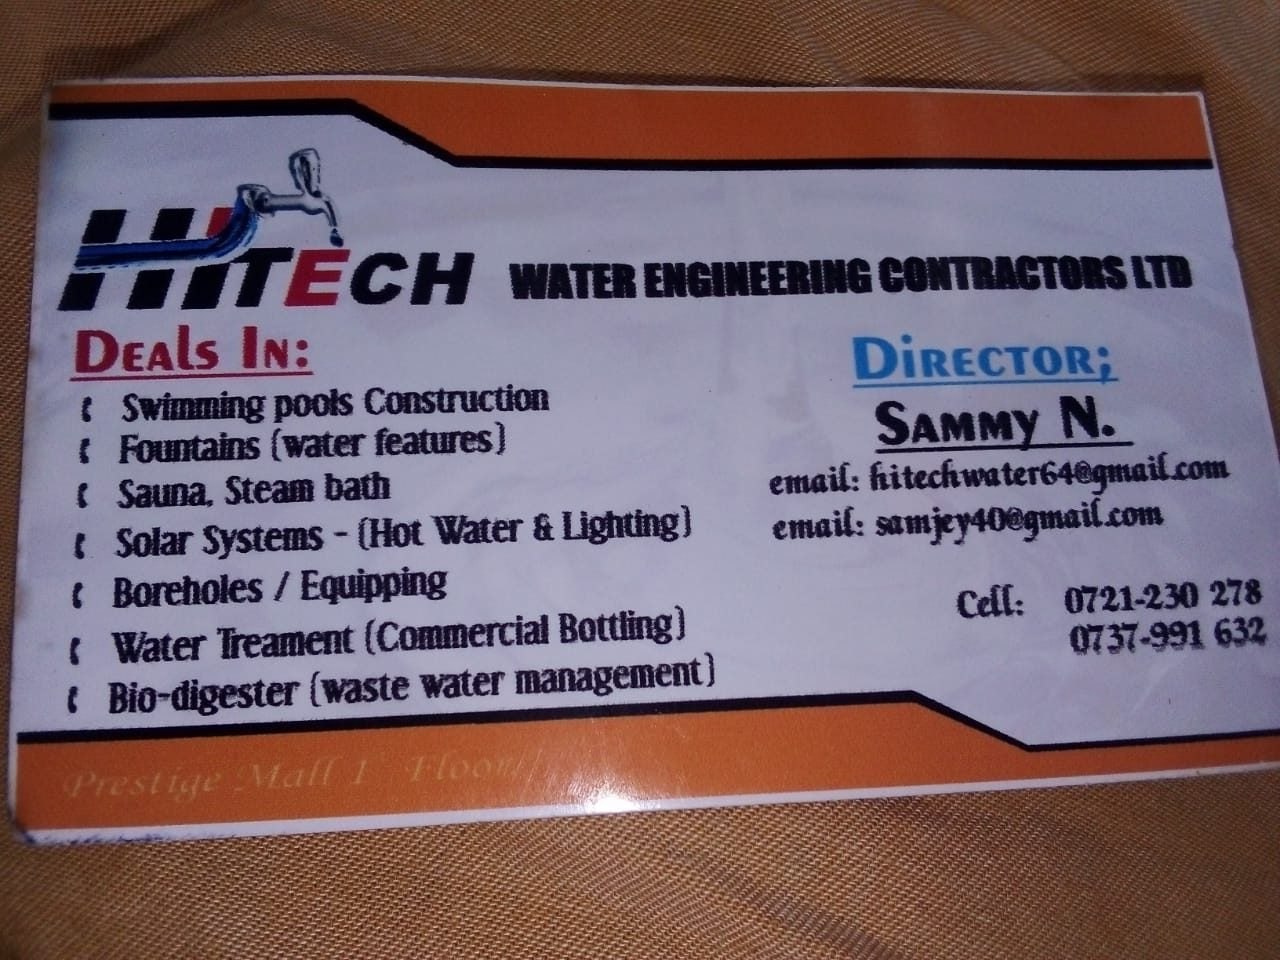 Hitech Water Engineering Contractors Ltd